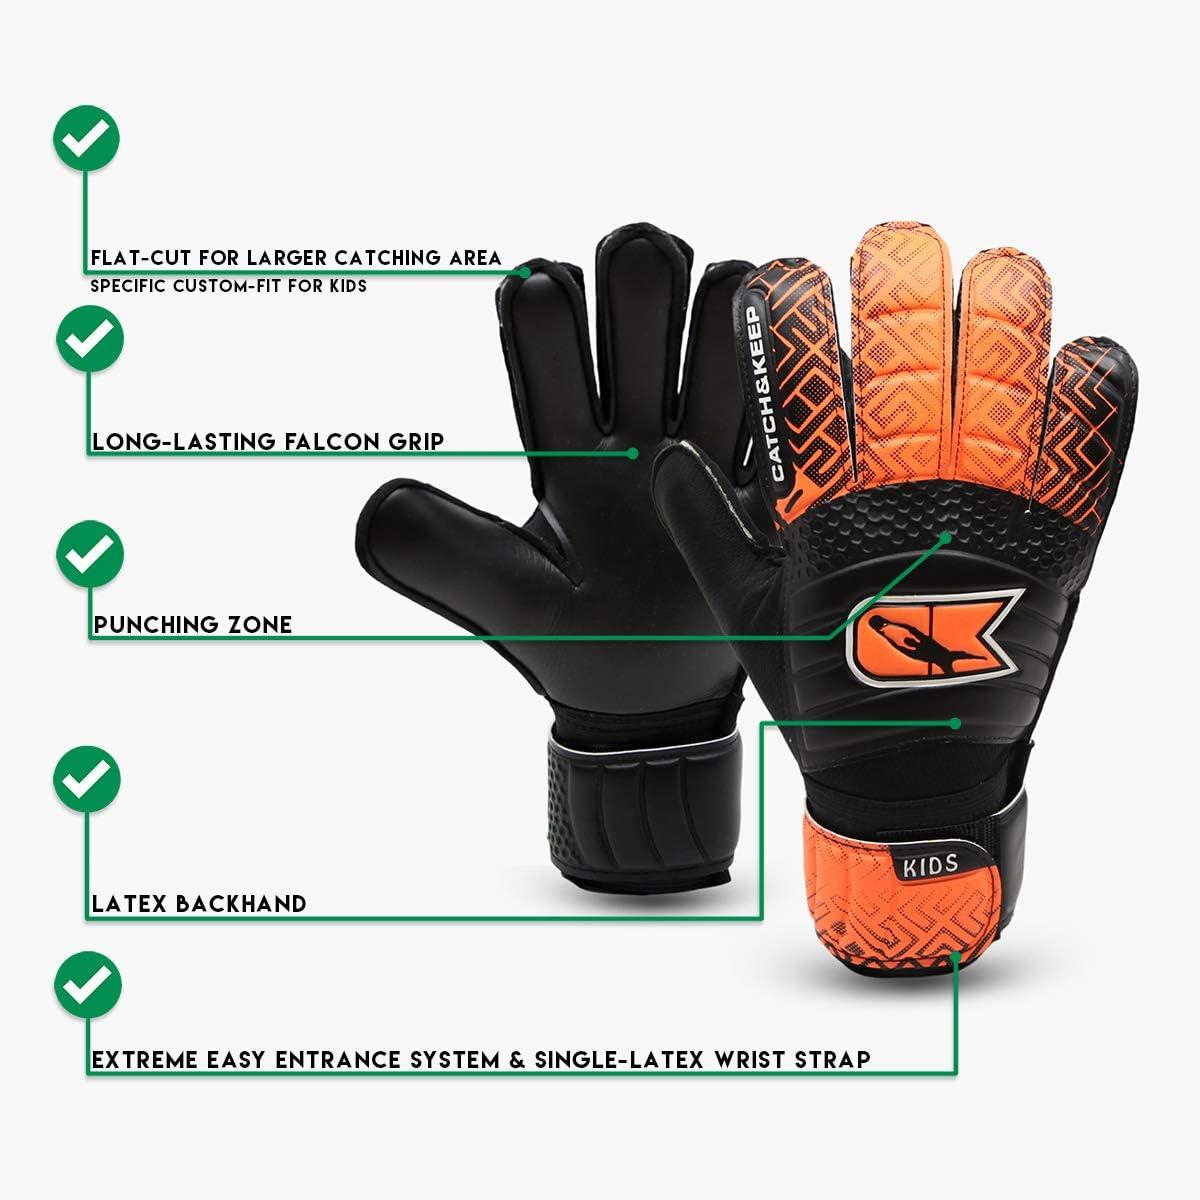 CATCH /& KEEP/® Kralle Junior Pro Premium Torh/üterhandschuhe f/ür Kinder Kinder Torwarthandschuhe Tormannhandschuhe mit extra starkem Grip